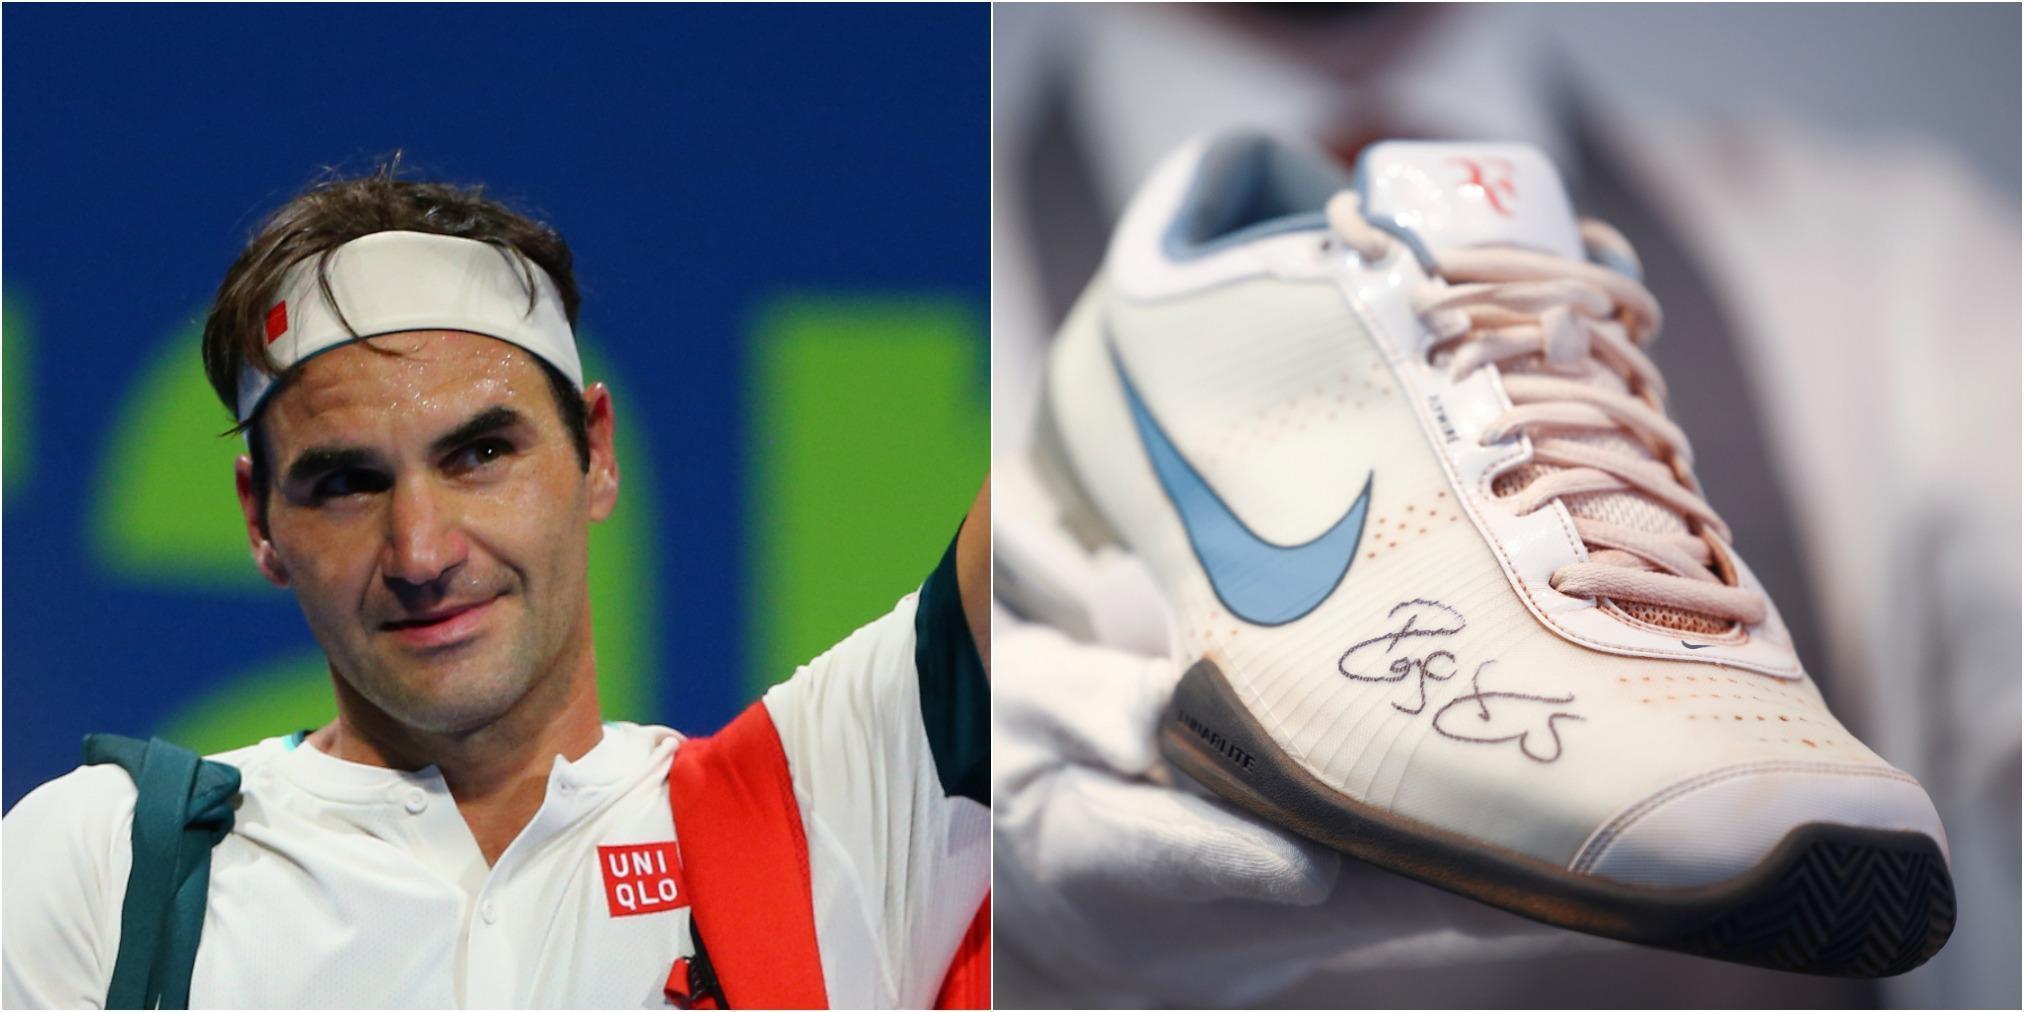 Roger Federer auktionerar ut ägodelar från sina 20 grand slam-titlar